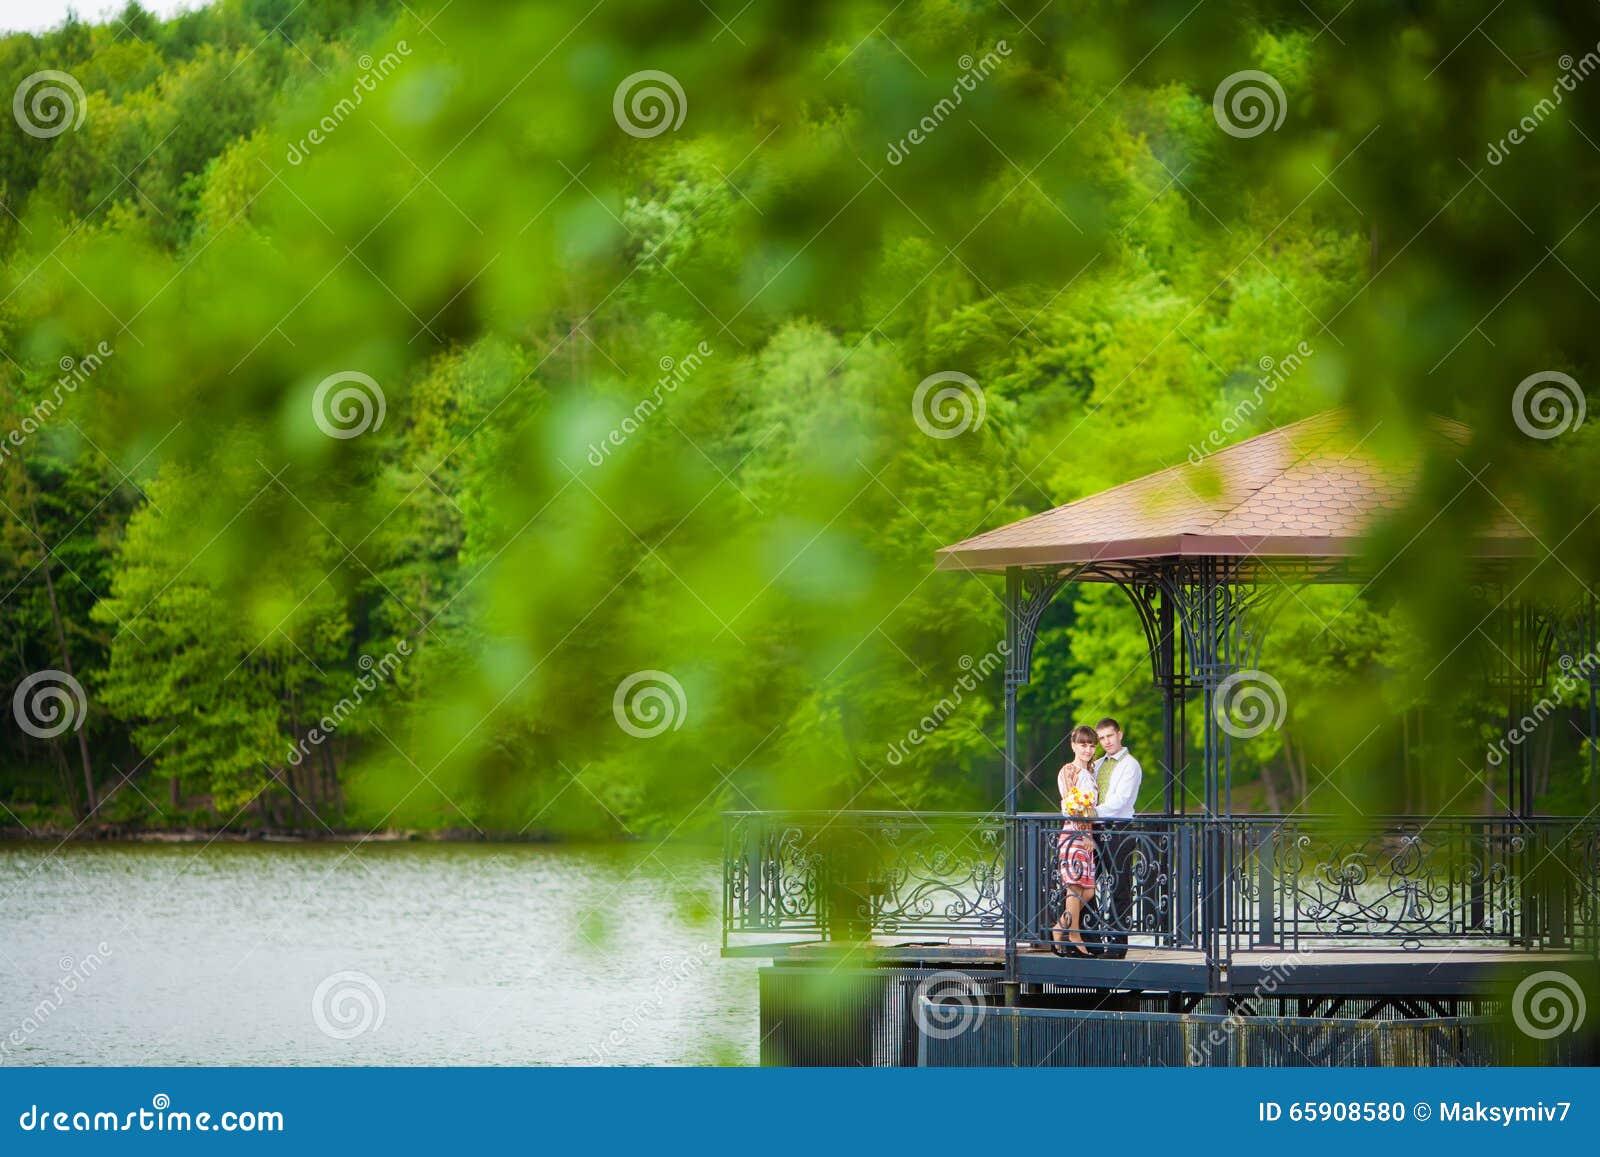 Πρόσφατα wed ζεύγος που αγκαλιάζει δίπλα σε μια λίμνη